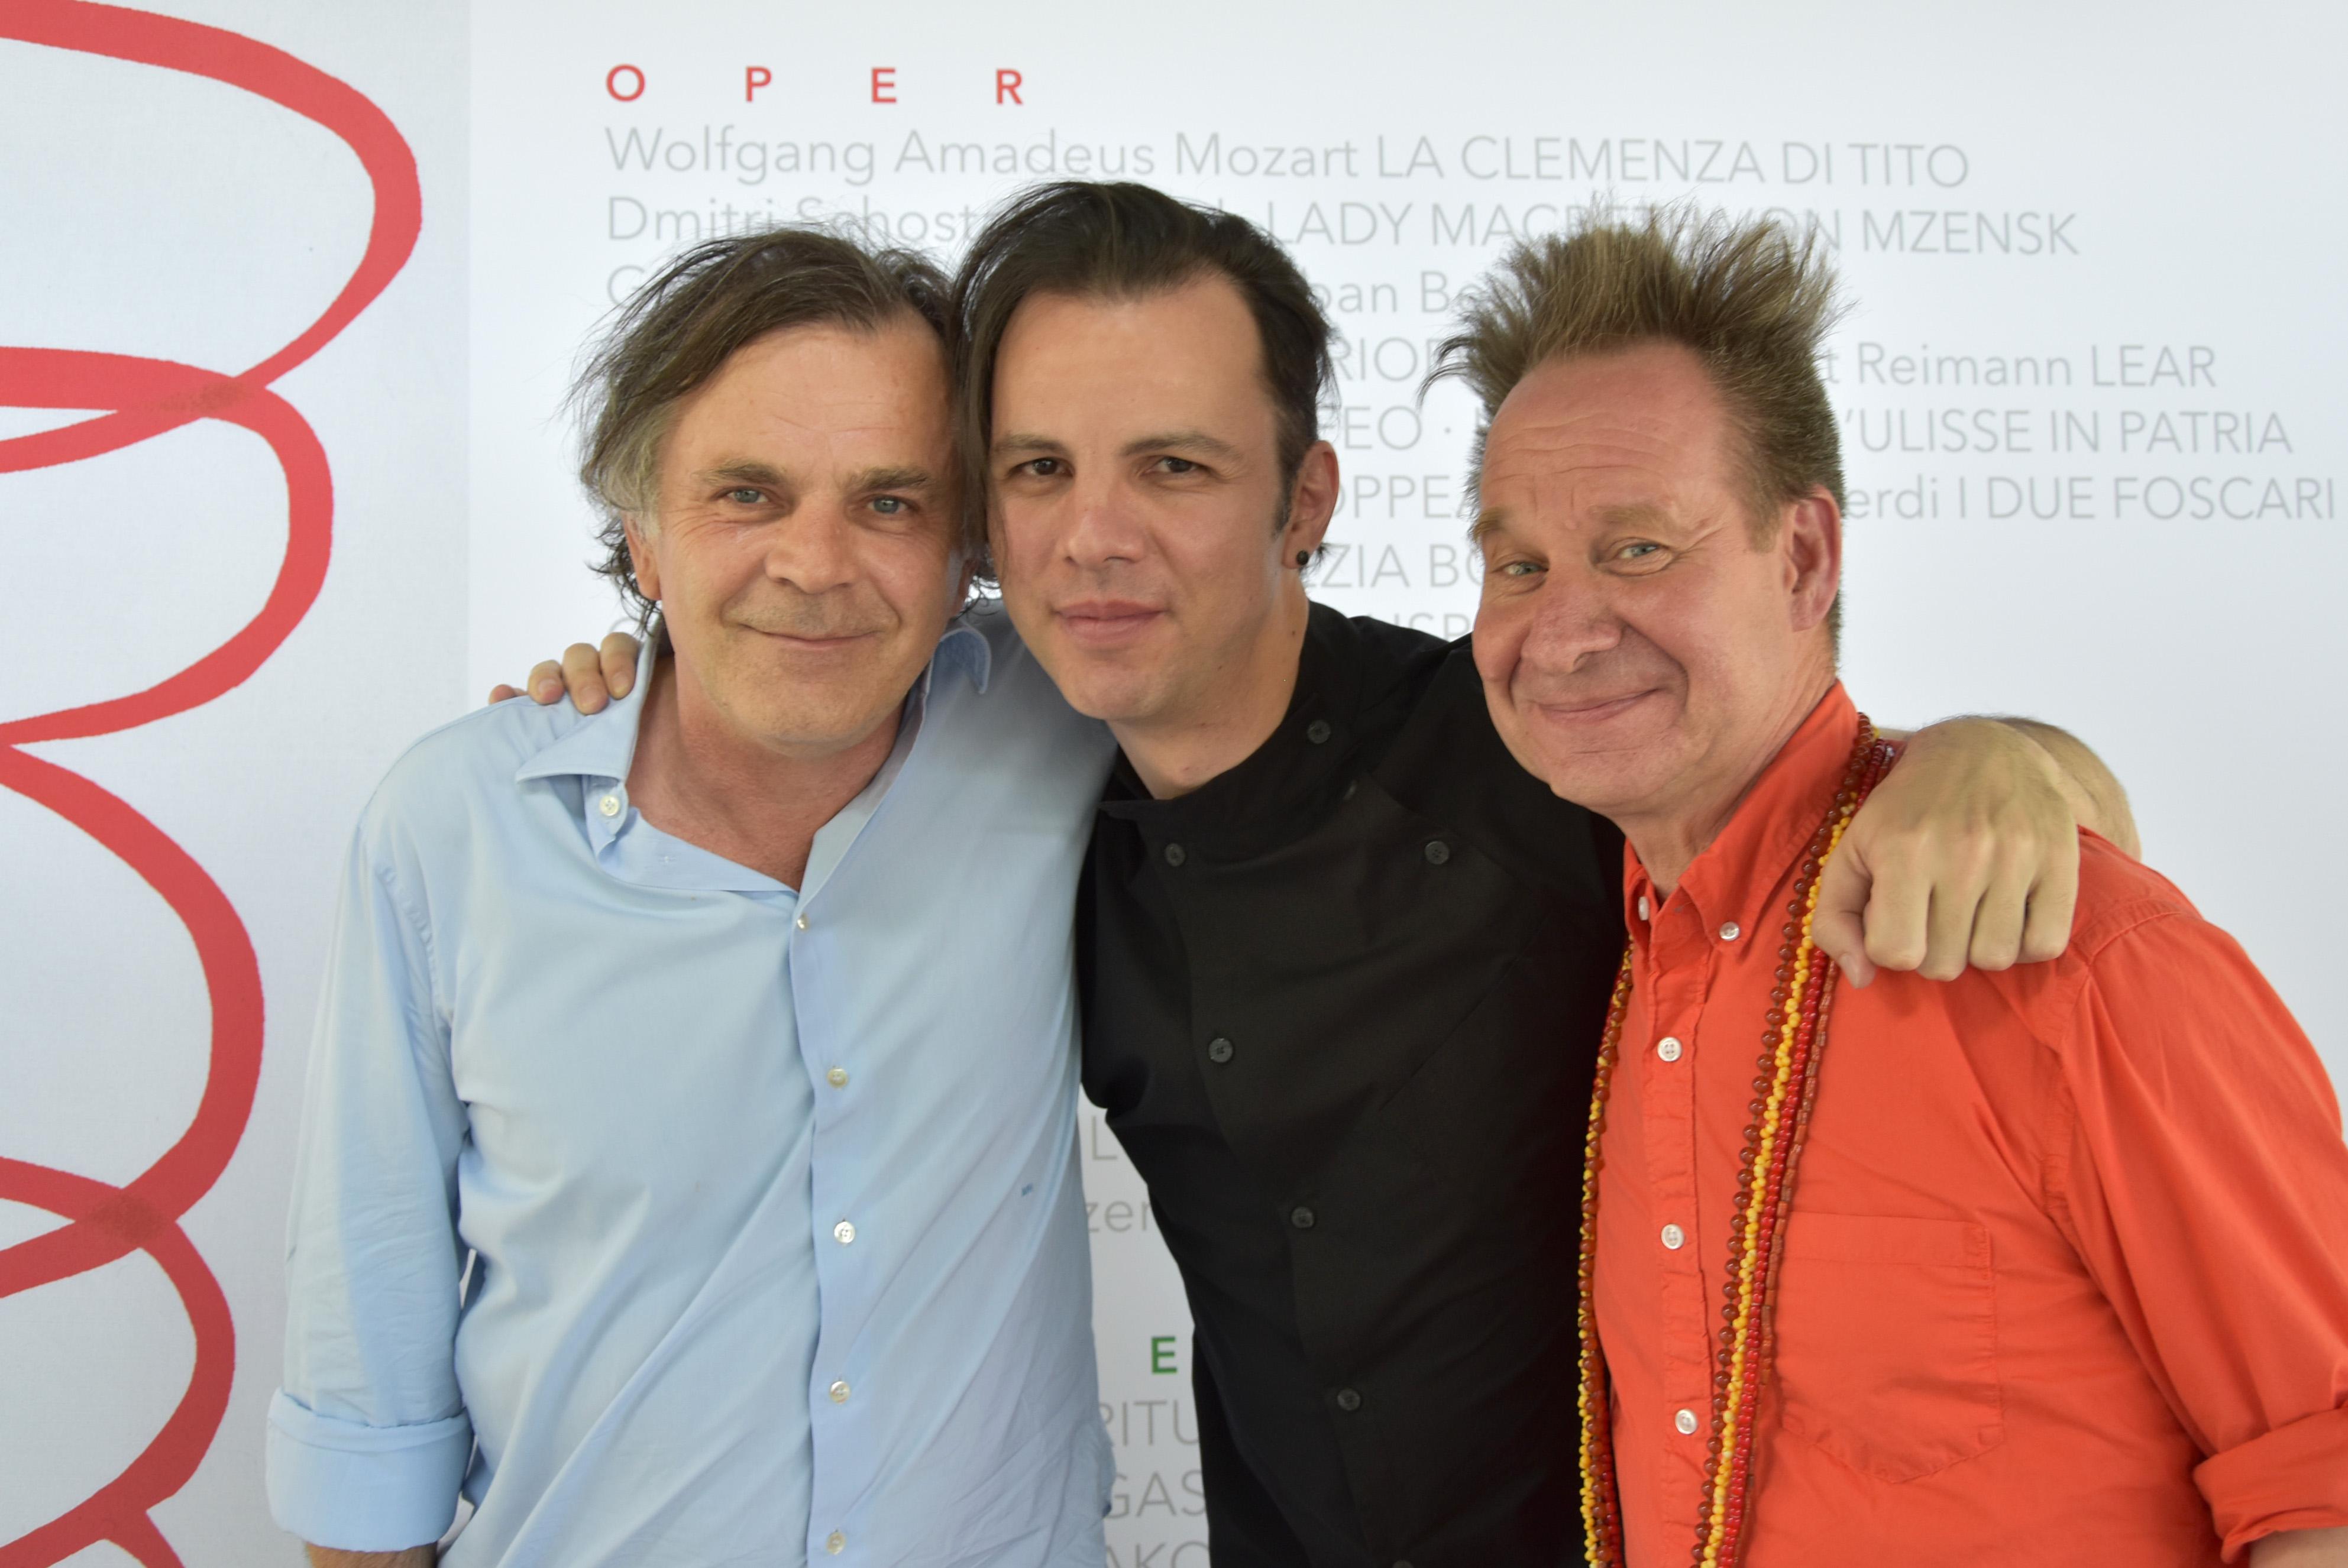 Από αριστερά: Ο διευθυντής του Φεστιβάλ του Ζάλτσμπουργκ, Markus Hinterhäuser, ο μαέστρος Θόδωρος Κουρεντζής και ο σκηνοθέτης Πίτερ Σέλαρς